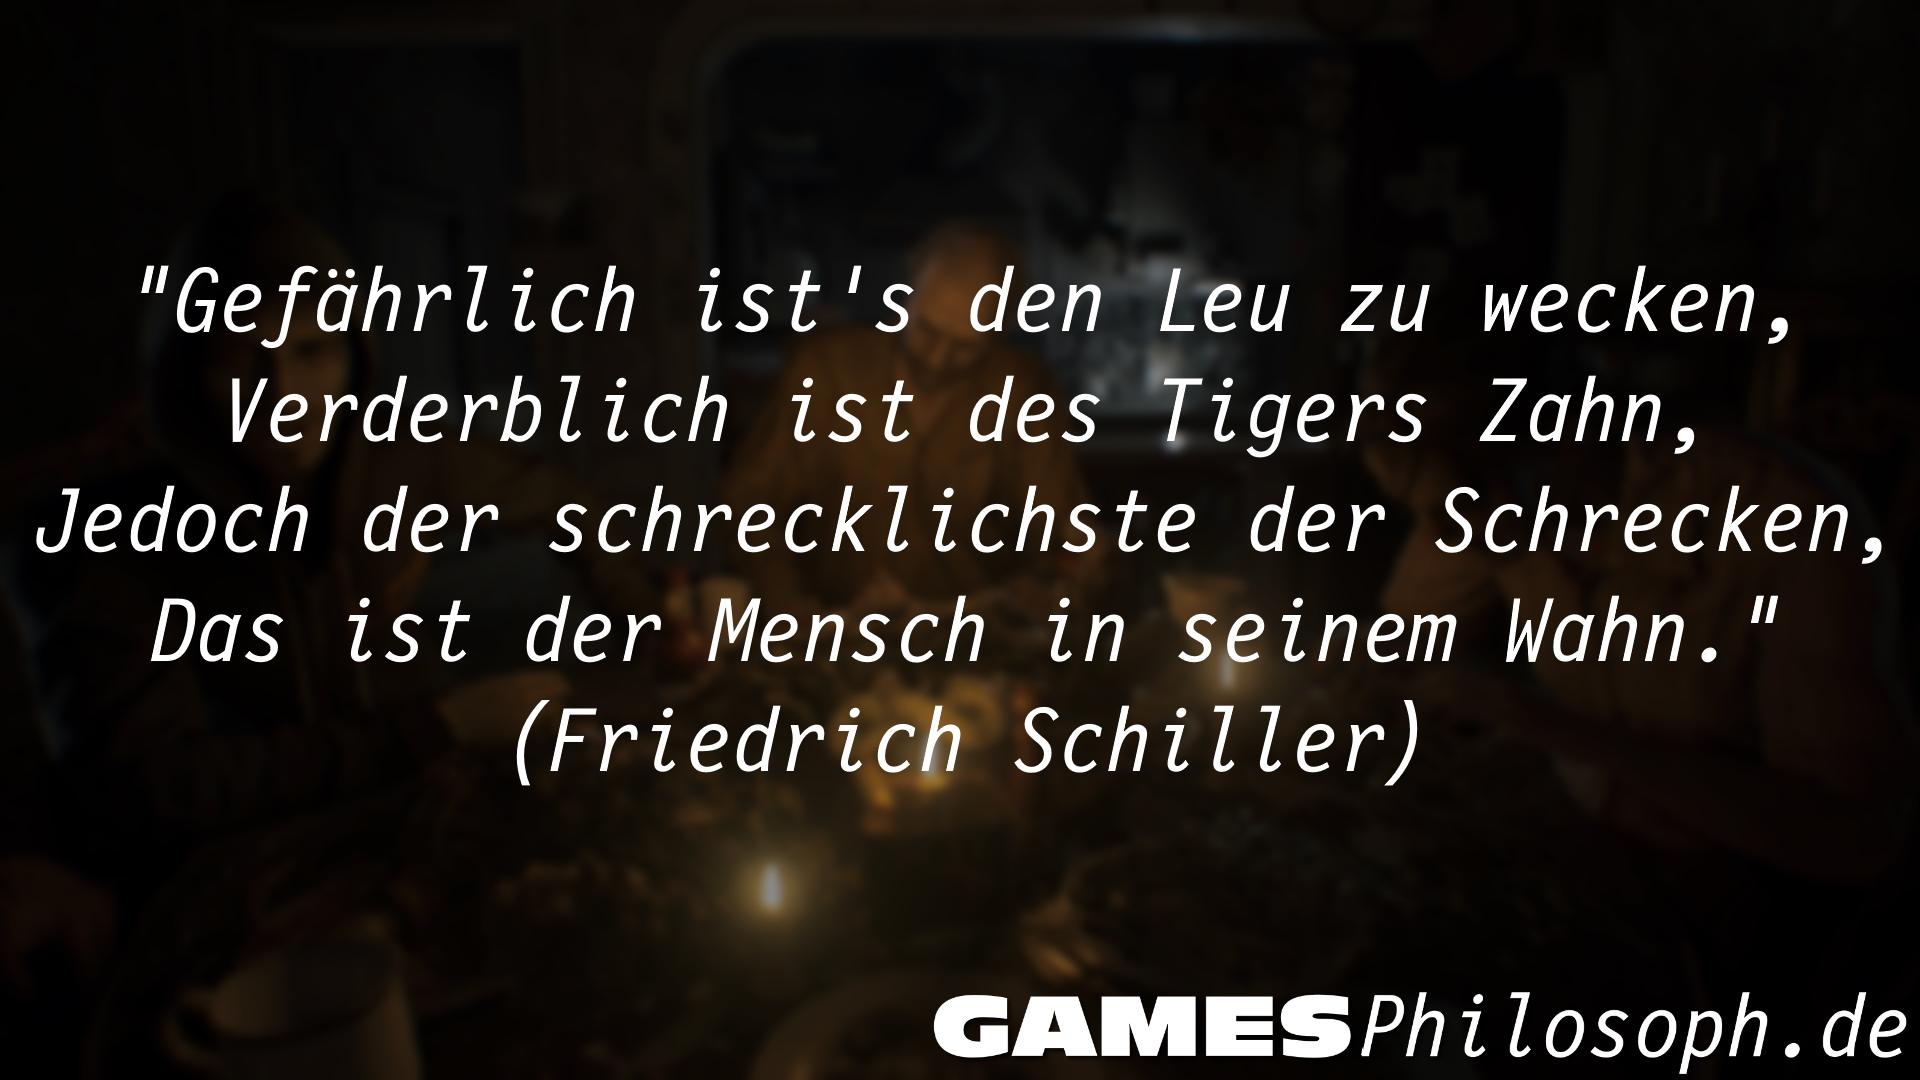 Klugscheisserspruch Februar - Resident Evil 7 - Friedrich Schiller